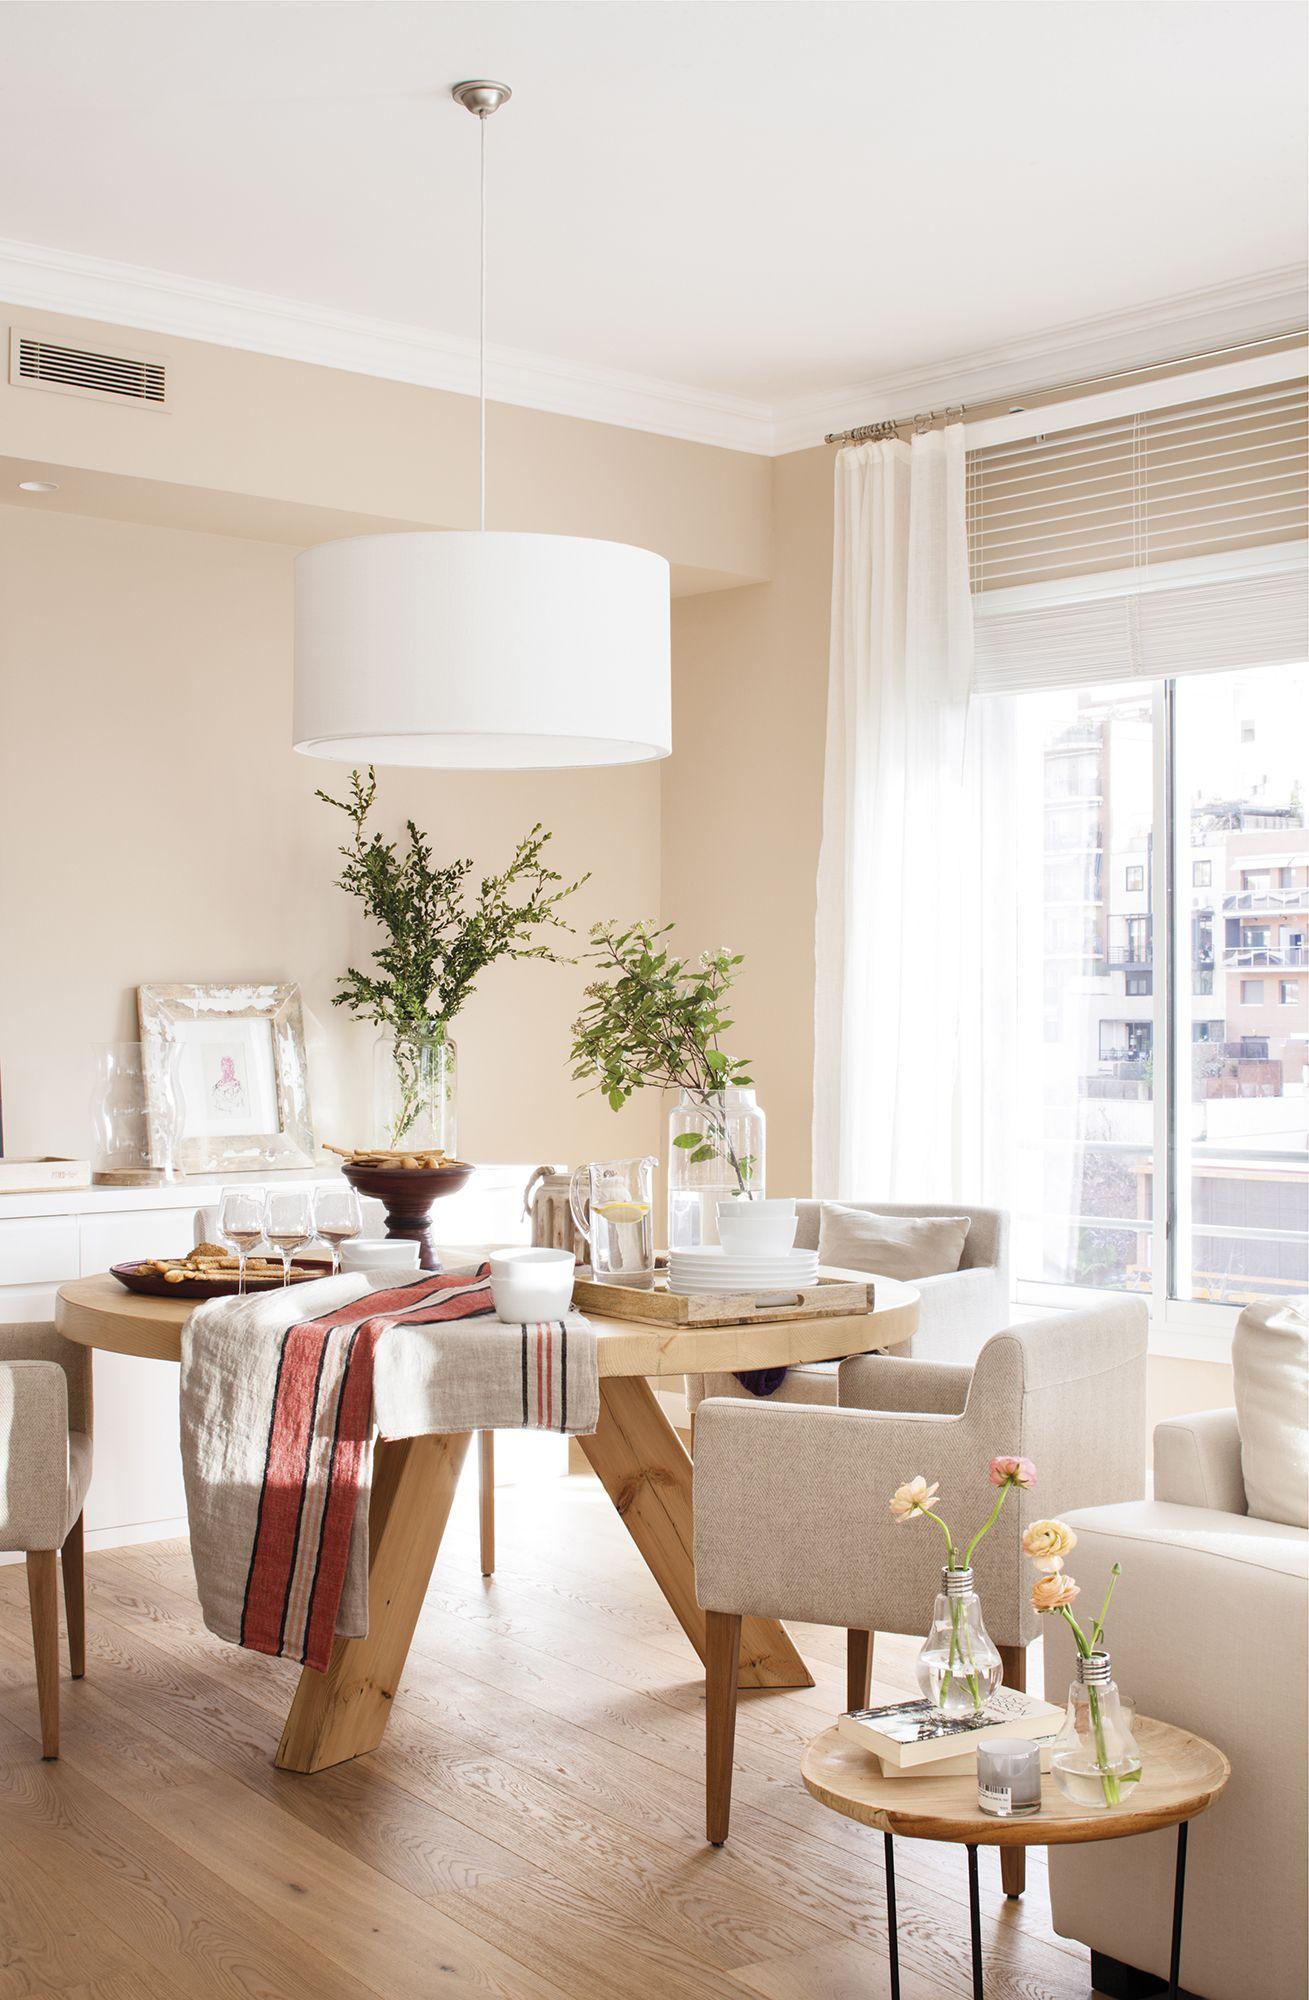 En el comedor en 2019 salones decoraci n de unas for Decoracion salon comedor